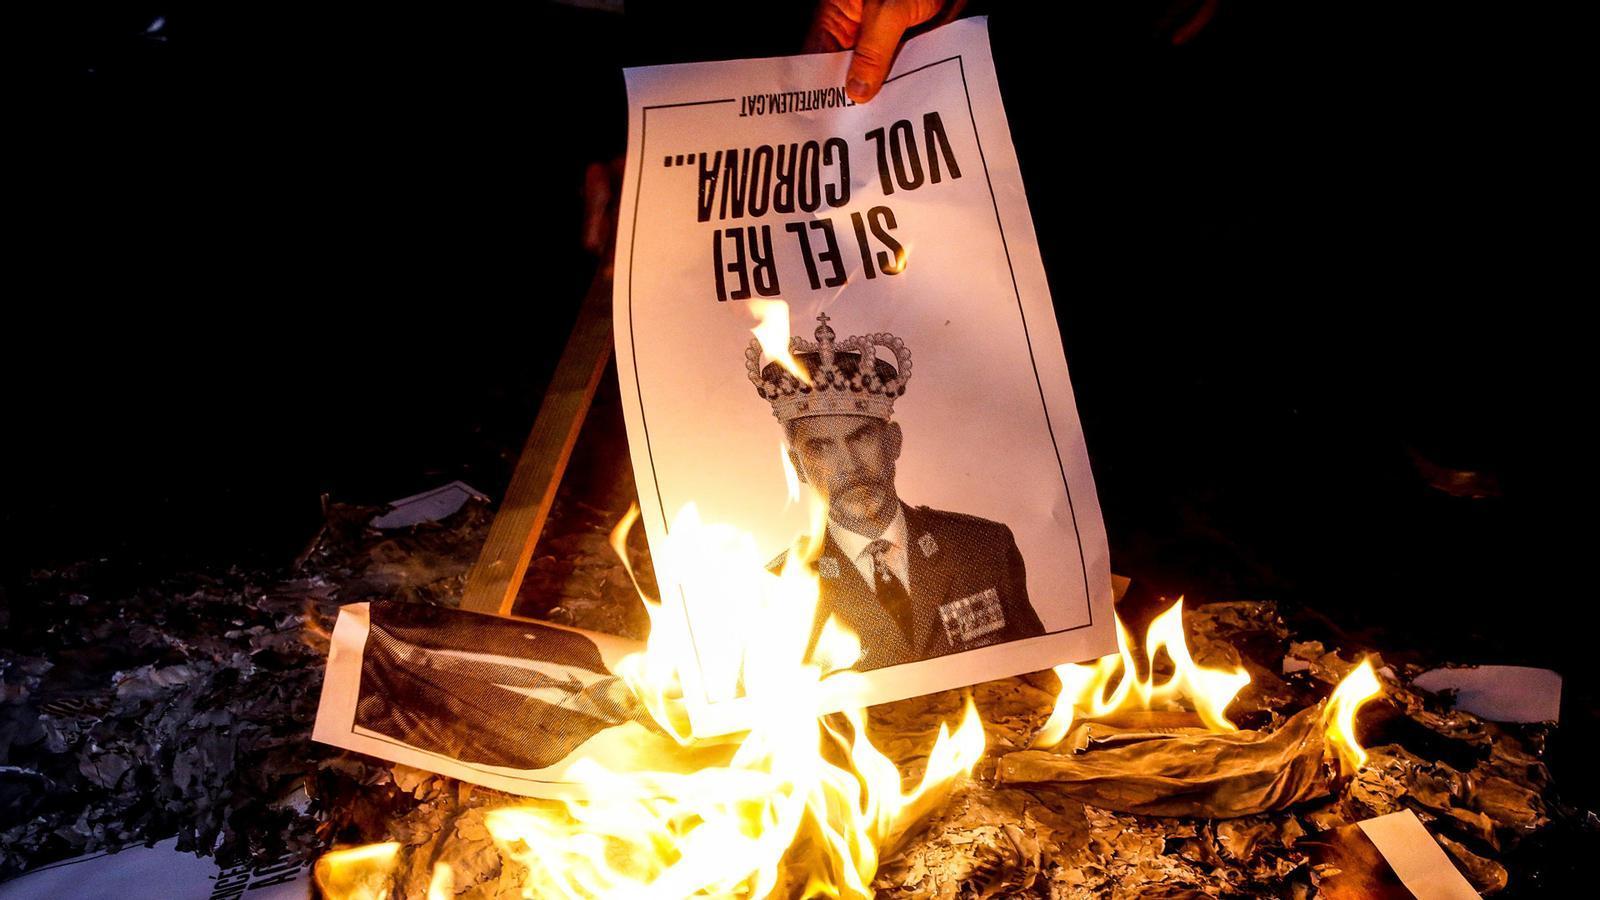 Felip VI és avui a Barcelona, consell de ministres per decretar l'estat d'alarma a Madrid i Bartomeu recorre a la Guàrdia Civil per frenar el vot de censura: les claus del dia, amb Antoni Bassas (09/10/2020)